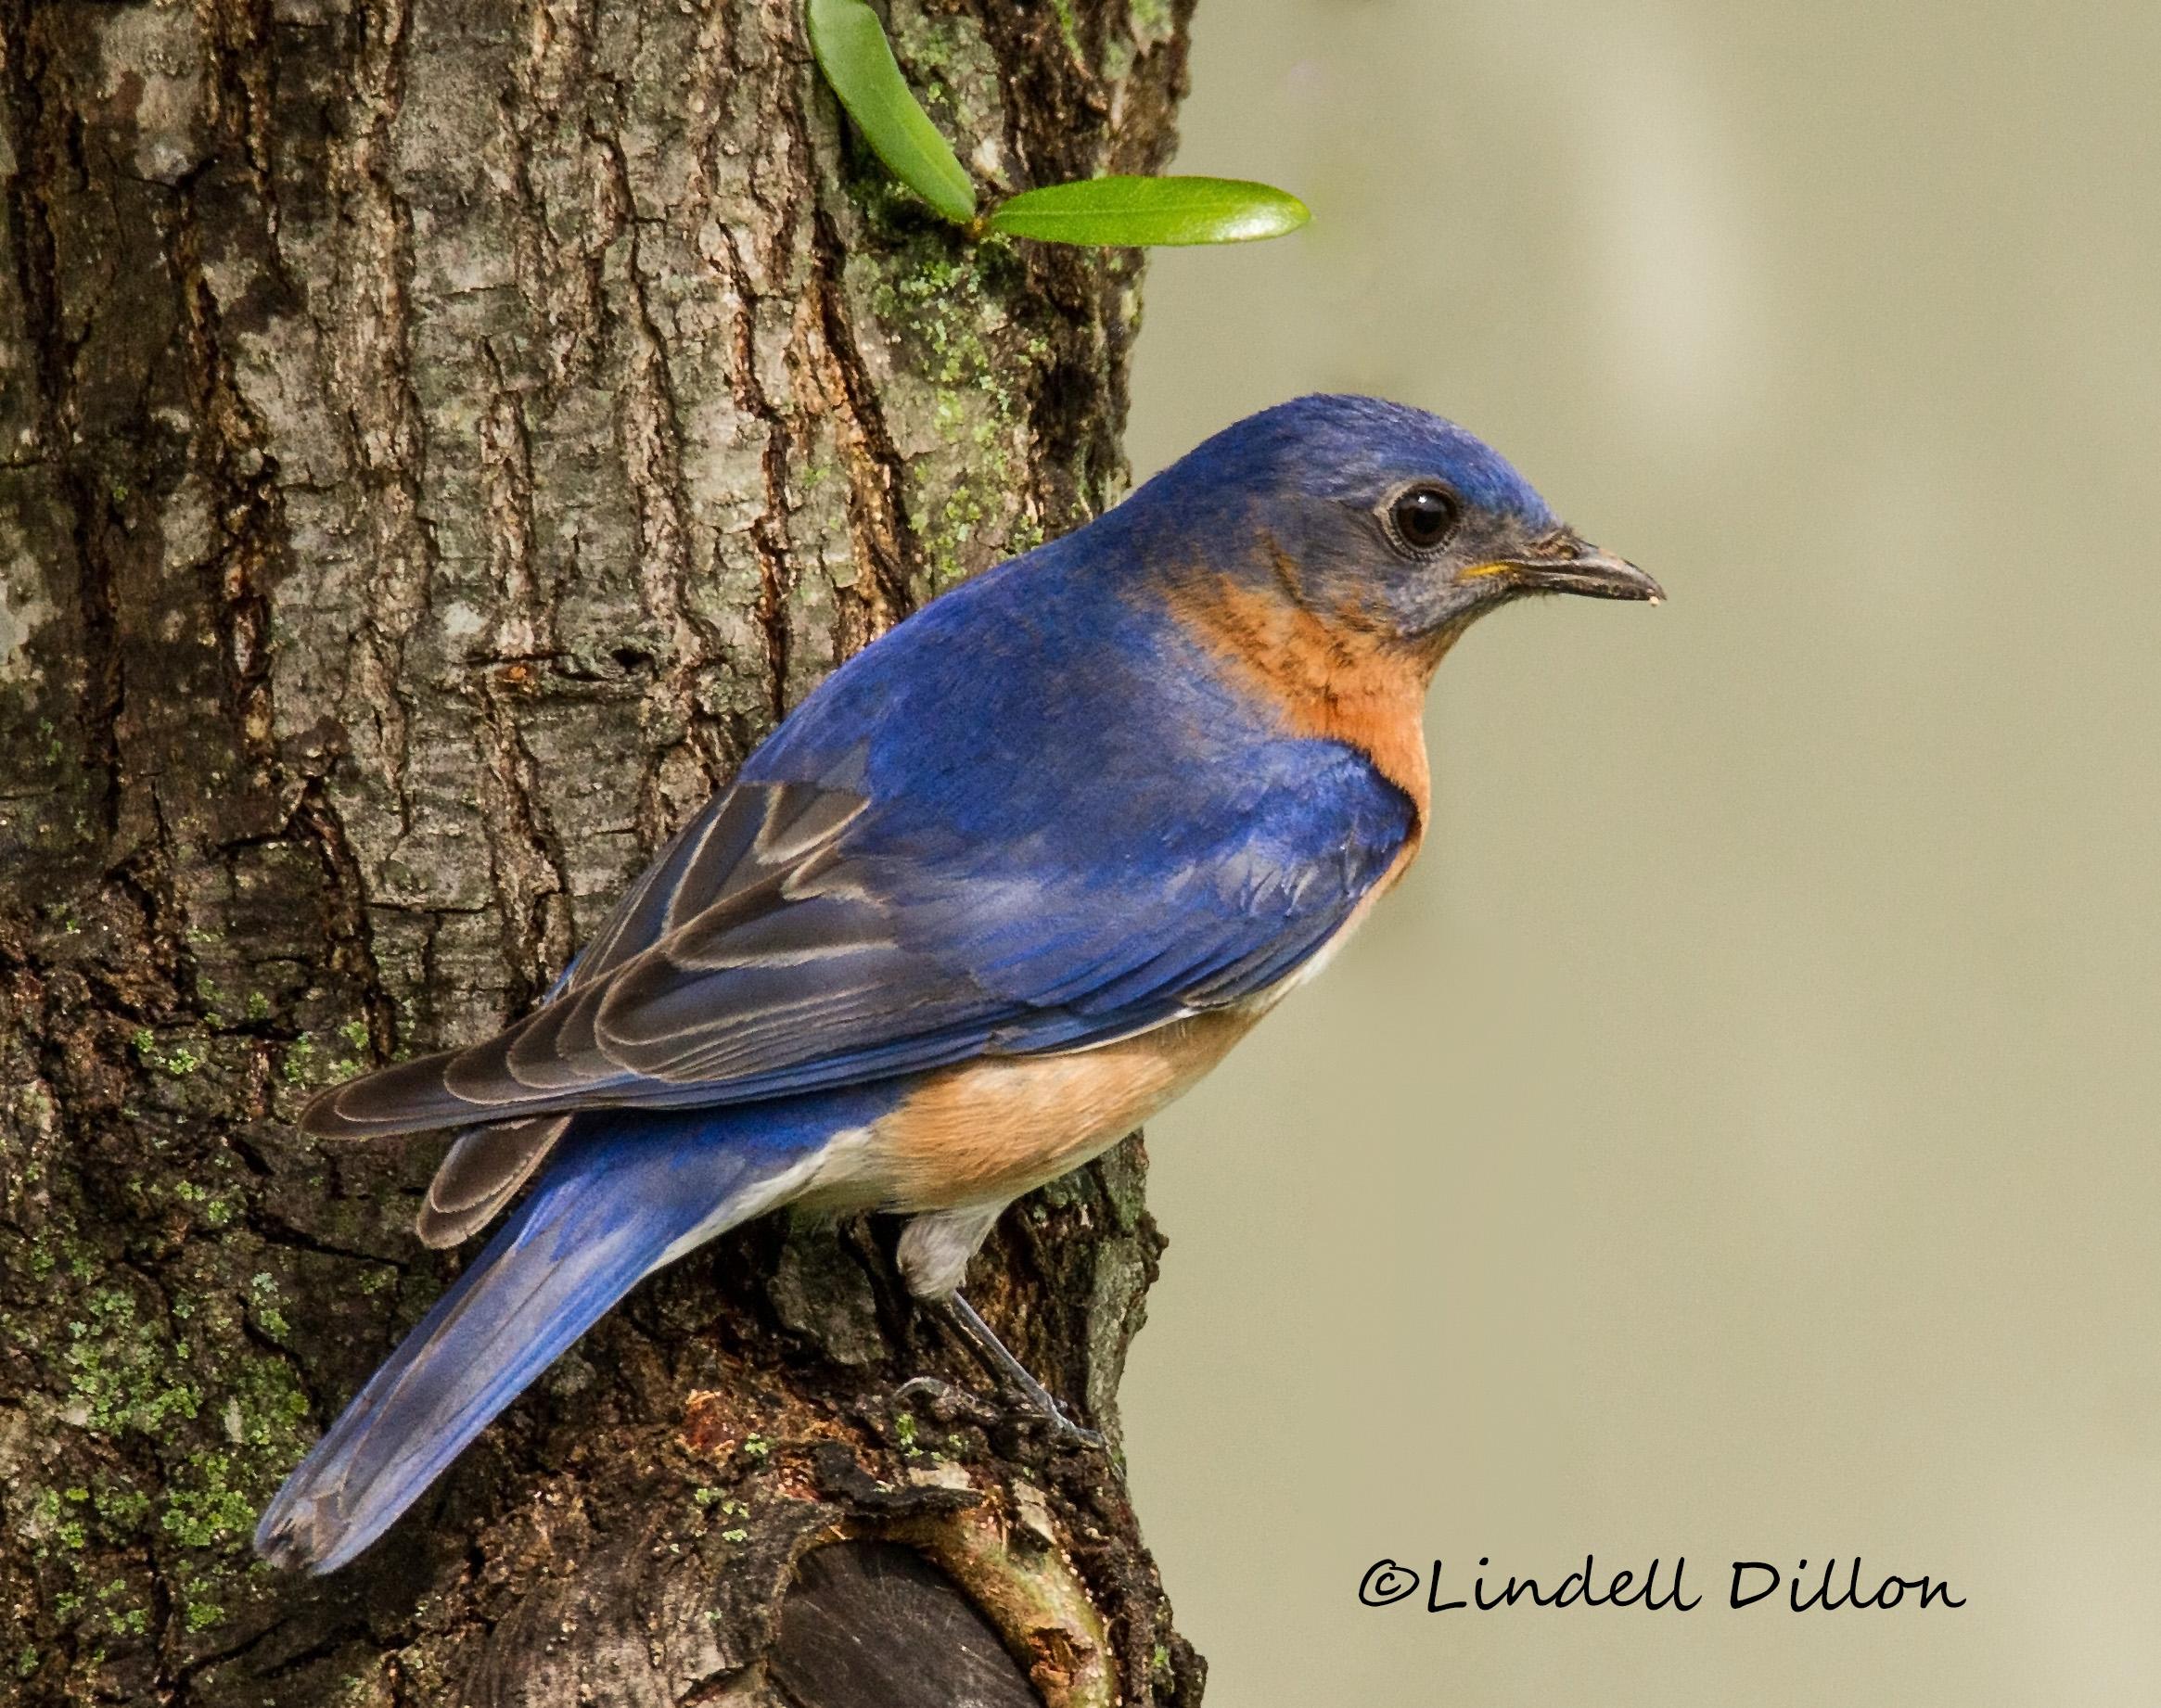 Little blue bird photo